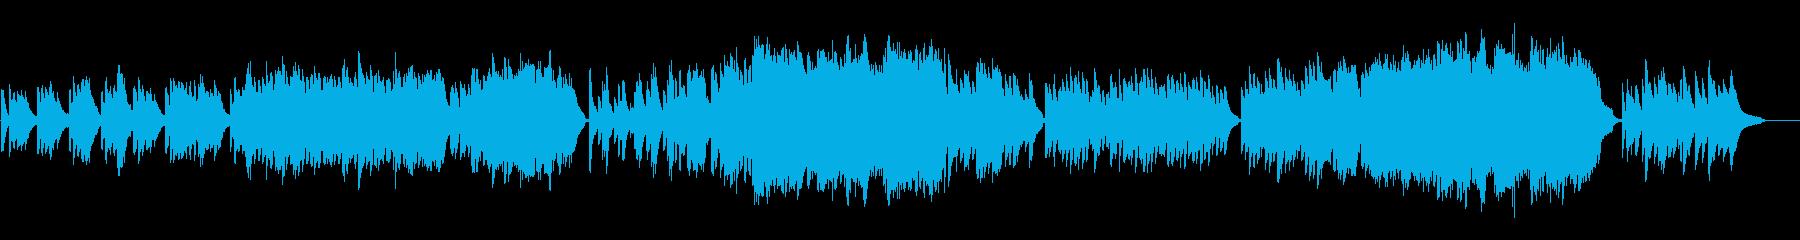 感動的なピアノソロによるバラードの再生済みの波形